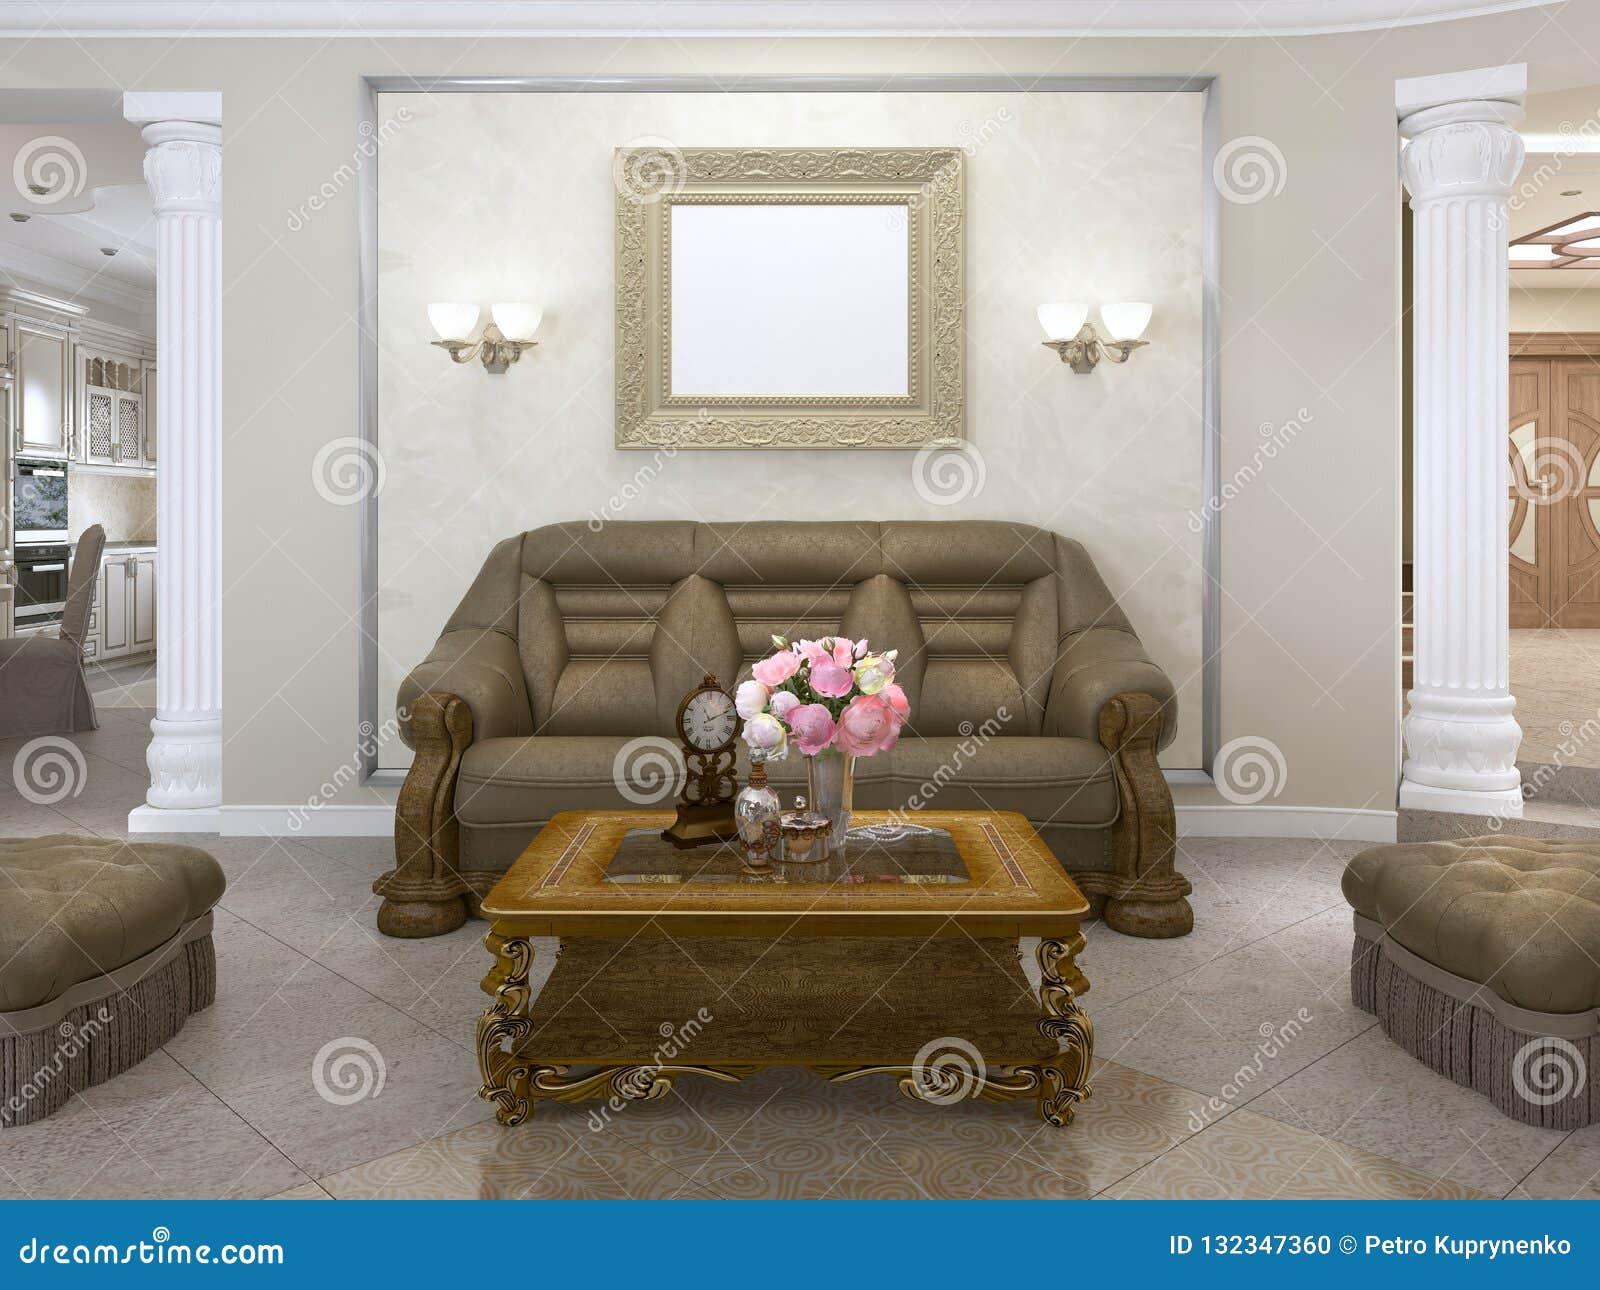 Tavolini Da Salotto In Stile Classico.Sofa E Due Poltrone Con Un Tavolino Da Salotto In Uno Stile